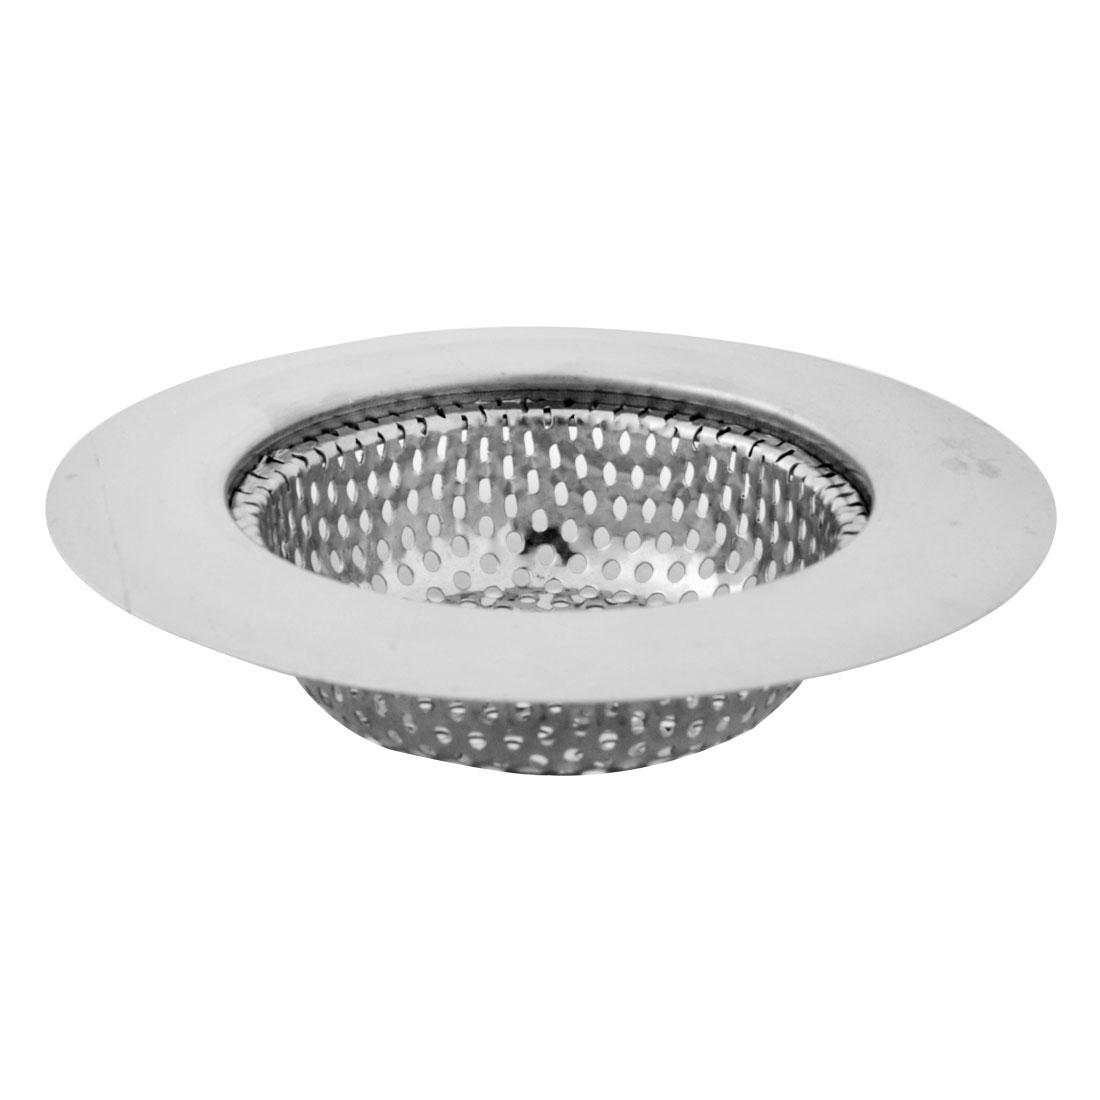 Kitchen Bathtub Stainless Steel Sink Garbage Strainer Filter Drain Stopper Silver Tone